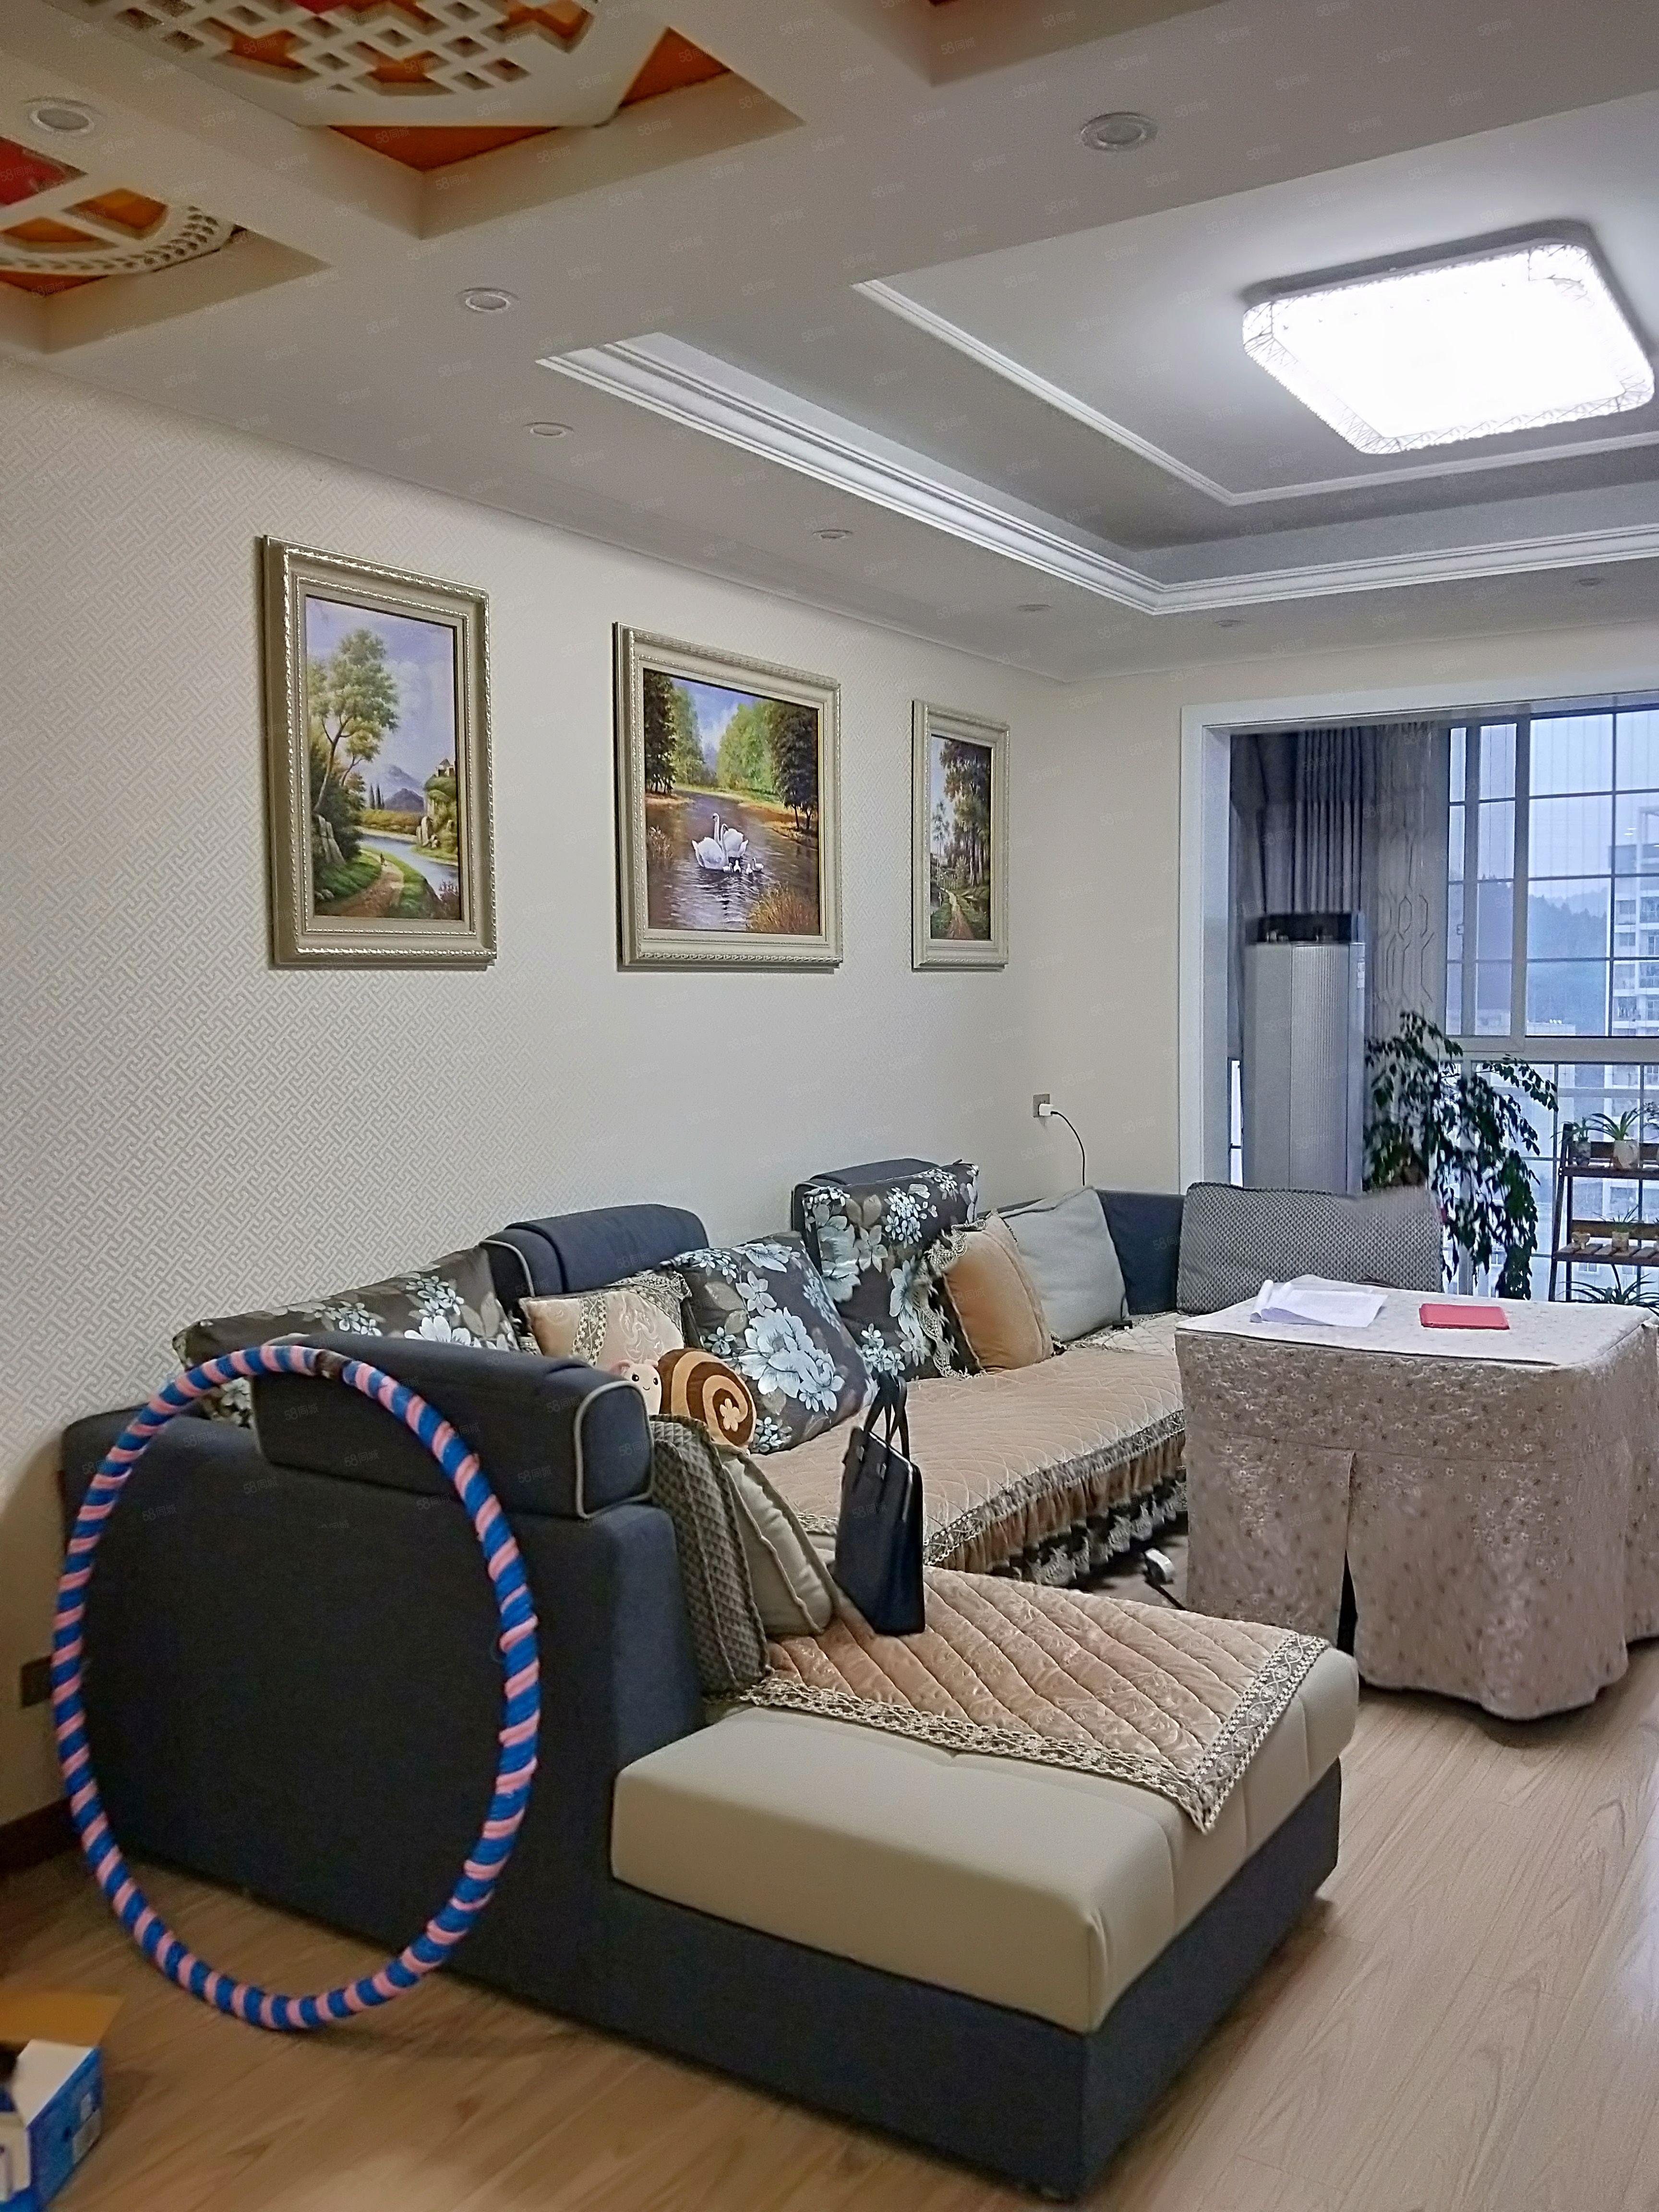 亿嘉房产中介峰邻天下精装修4室2厅2卫带生活阳台出售